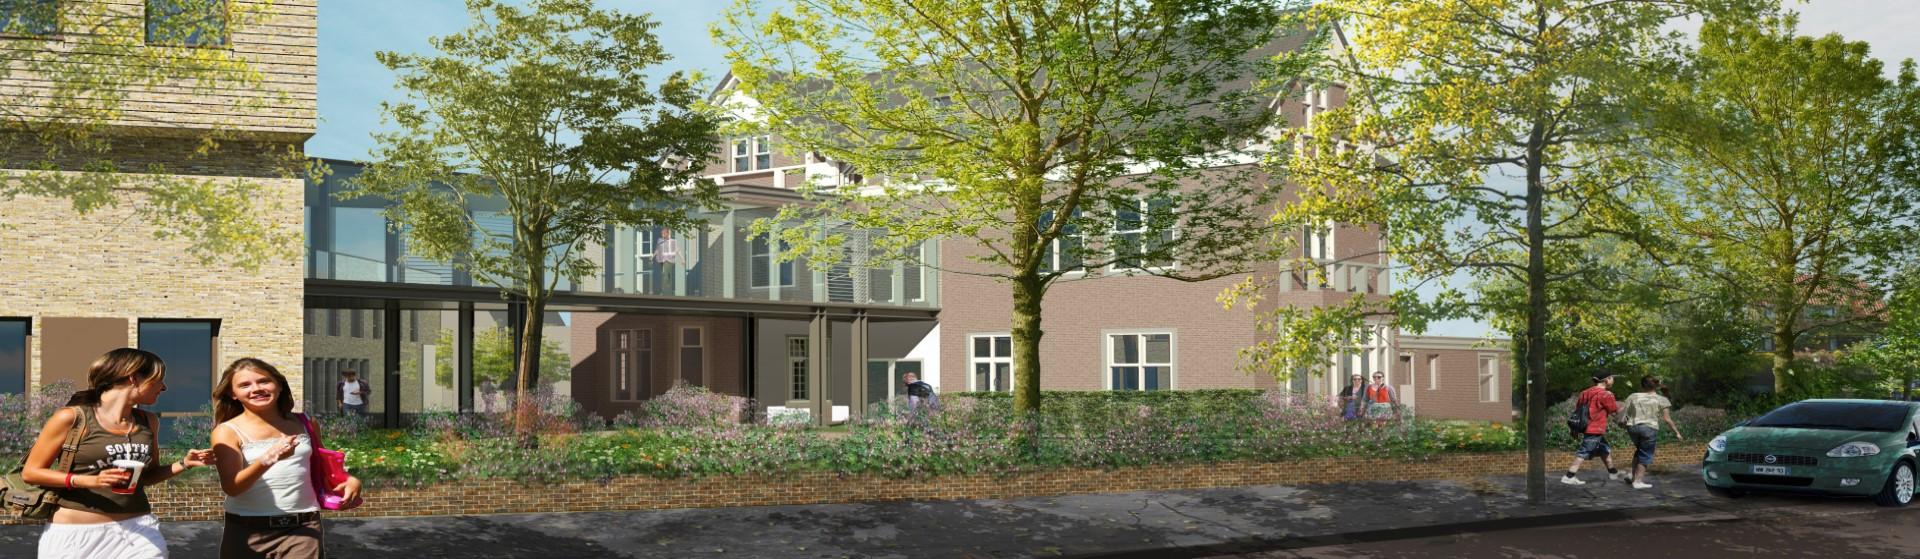 161017_VCL_Ontwerp_Buiten_Parkweg loopbrug-02_edited